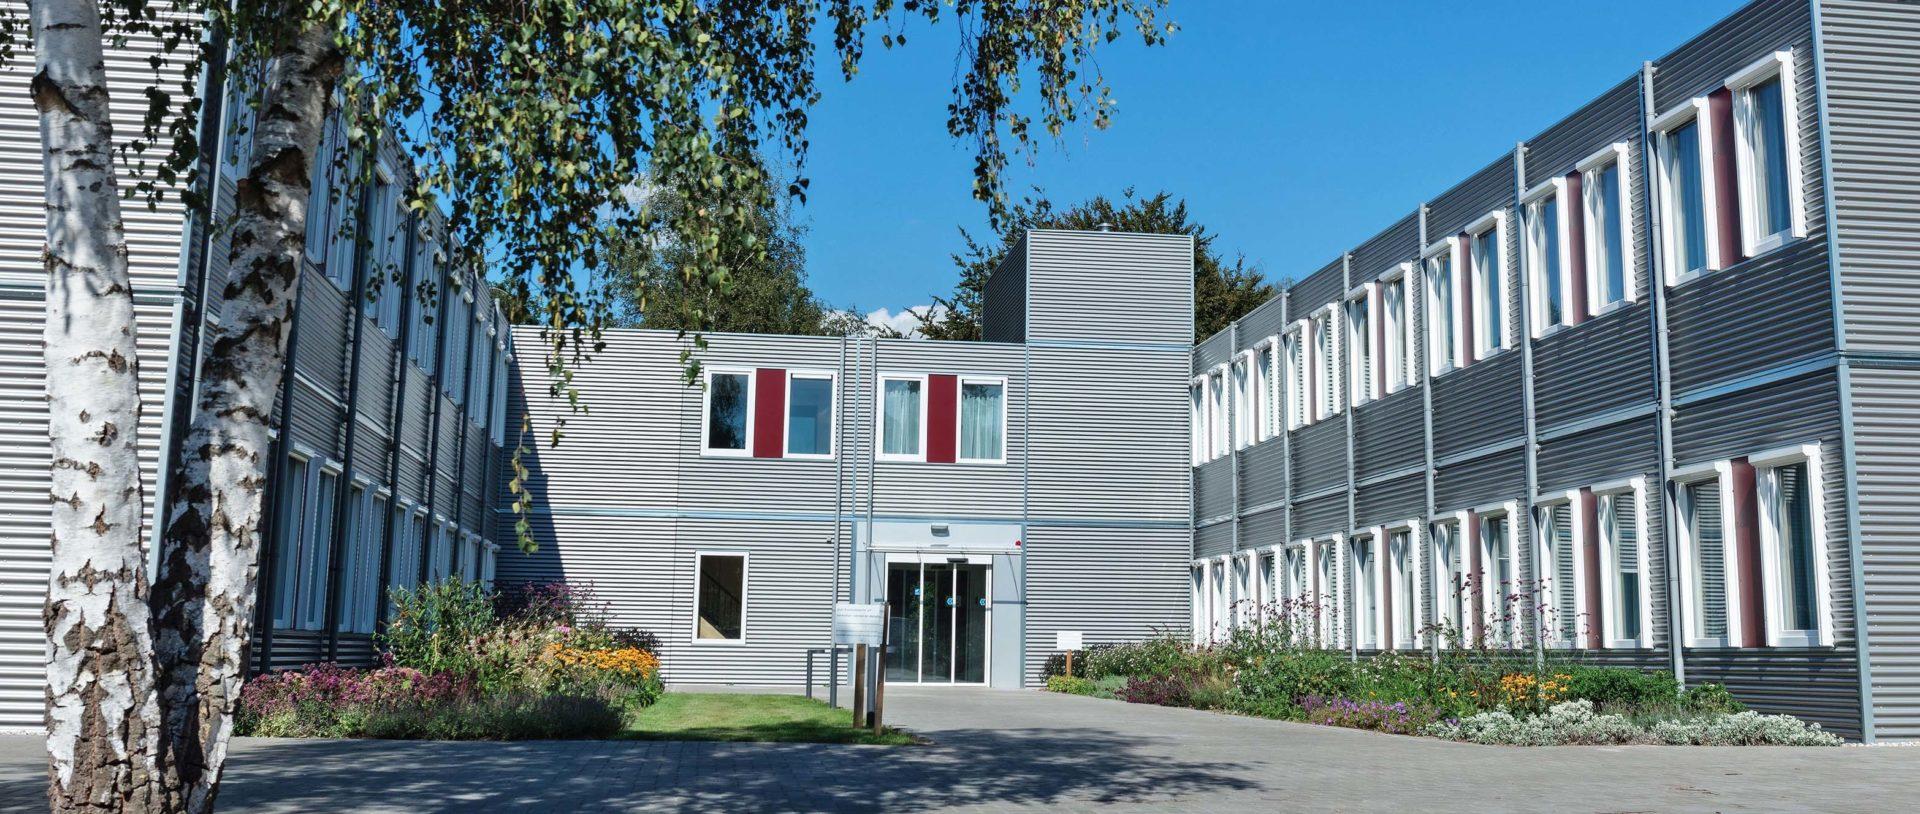 Verpleeghuis De Slingebeek voorkant ingang en omgeving